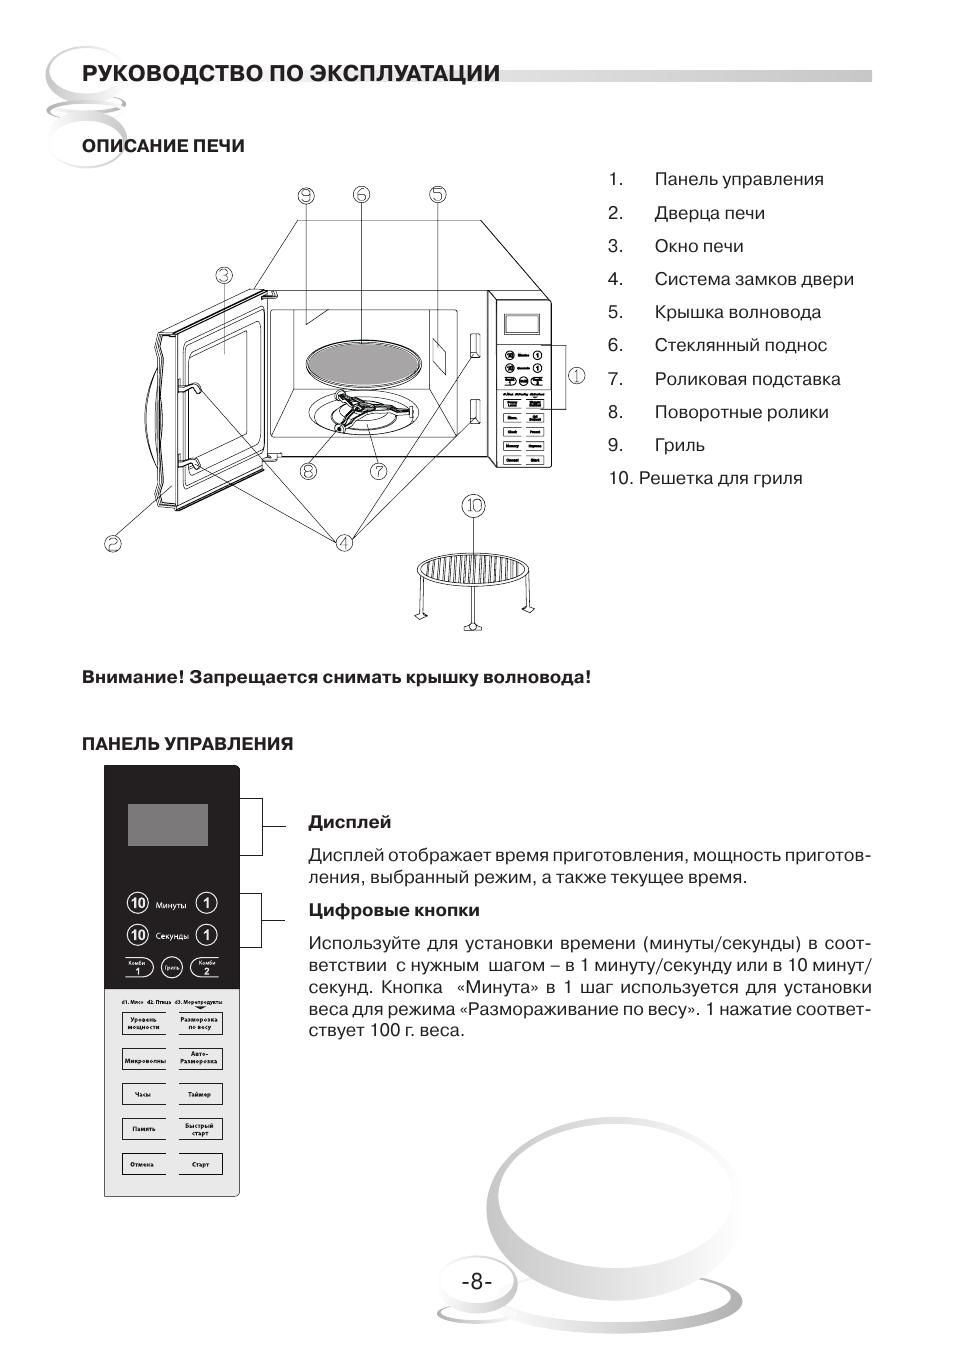 микроволновая печь мистери инструкция установить часы